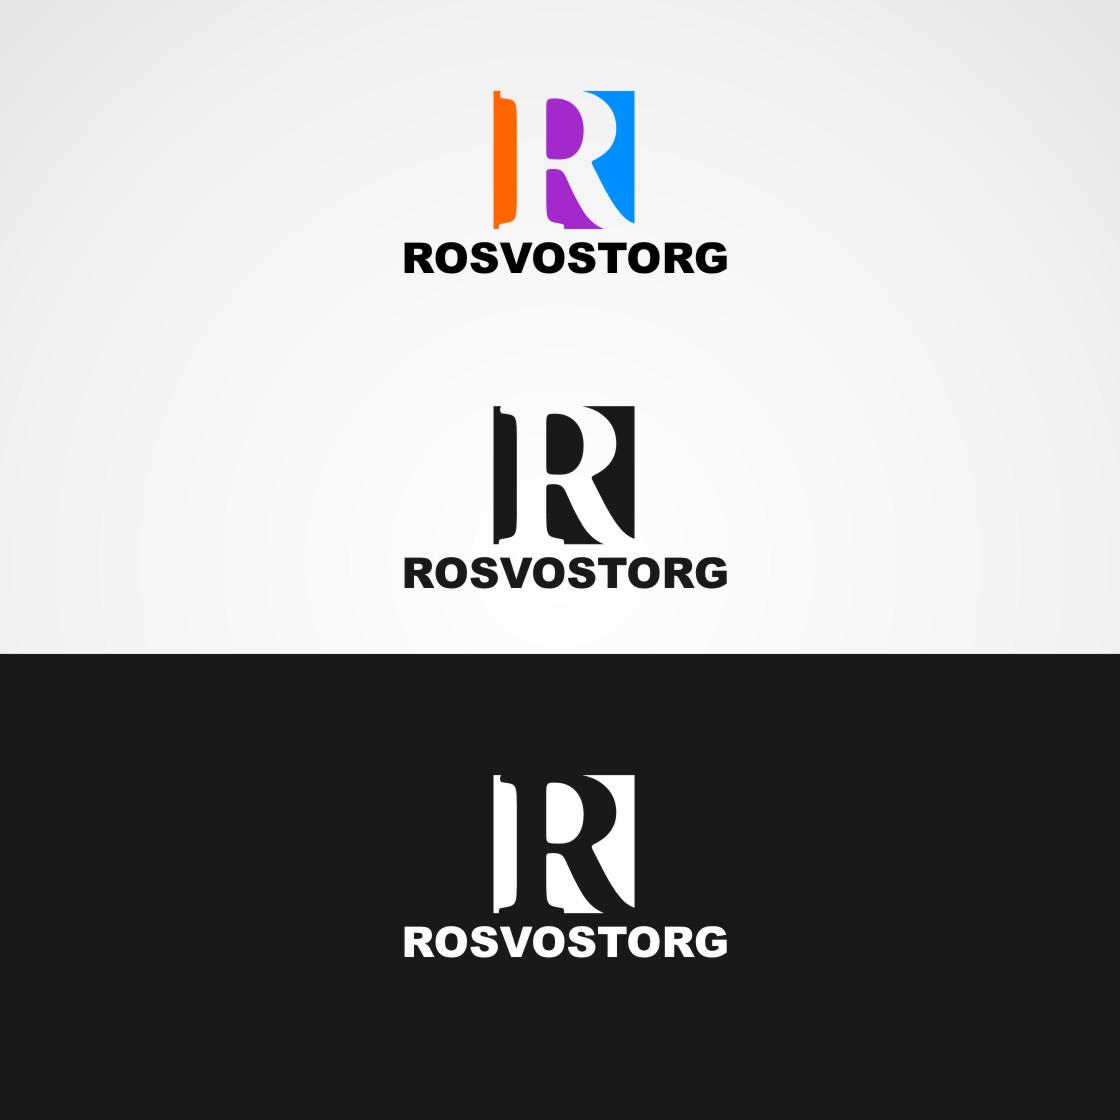 Логотип для компании Росвосторг. Интересные перспективы. фото f_4f8bda6454d54.jpg